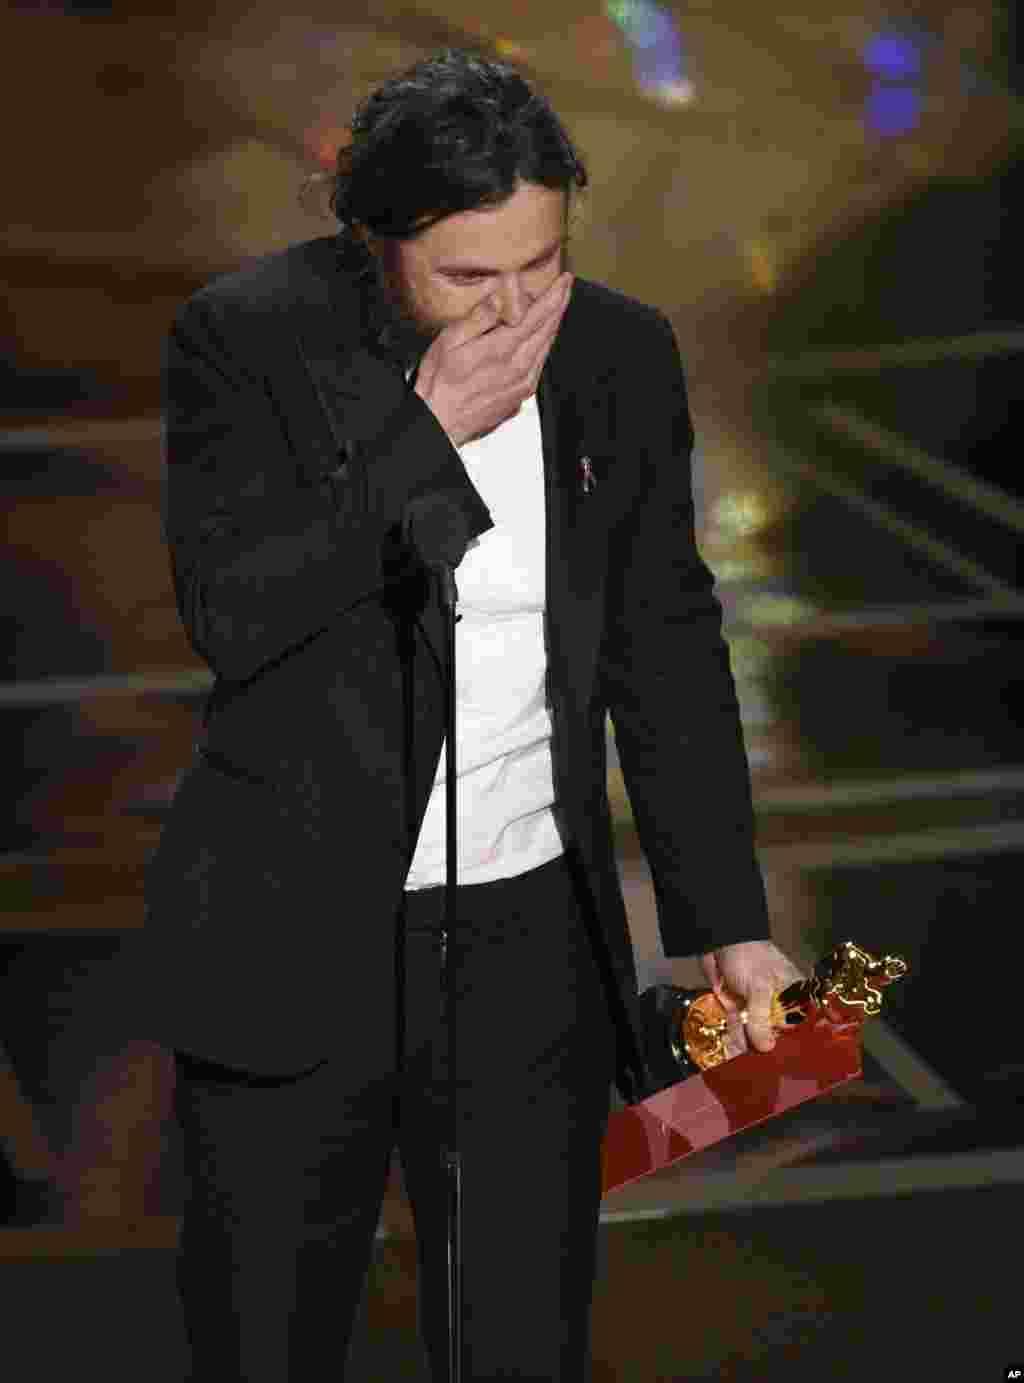 کیسی افلک با فیلم منچستر ساحلی اسکار بهترین بازیگر نقش اول مرد را گرفت.